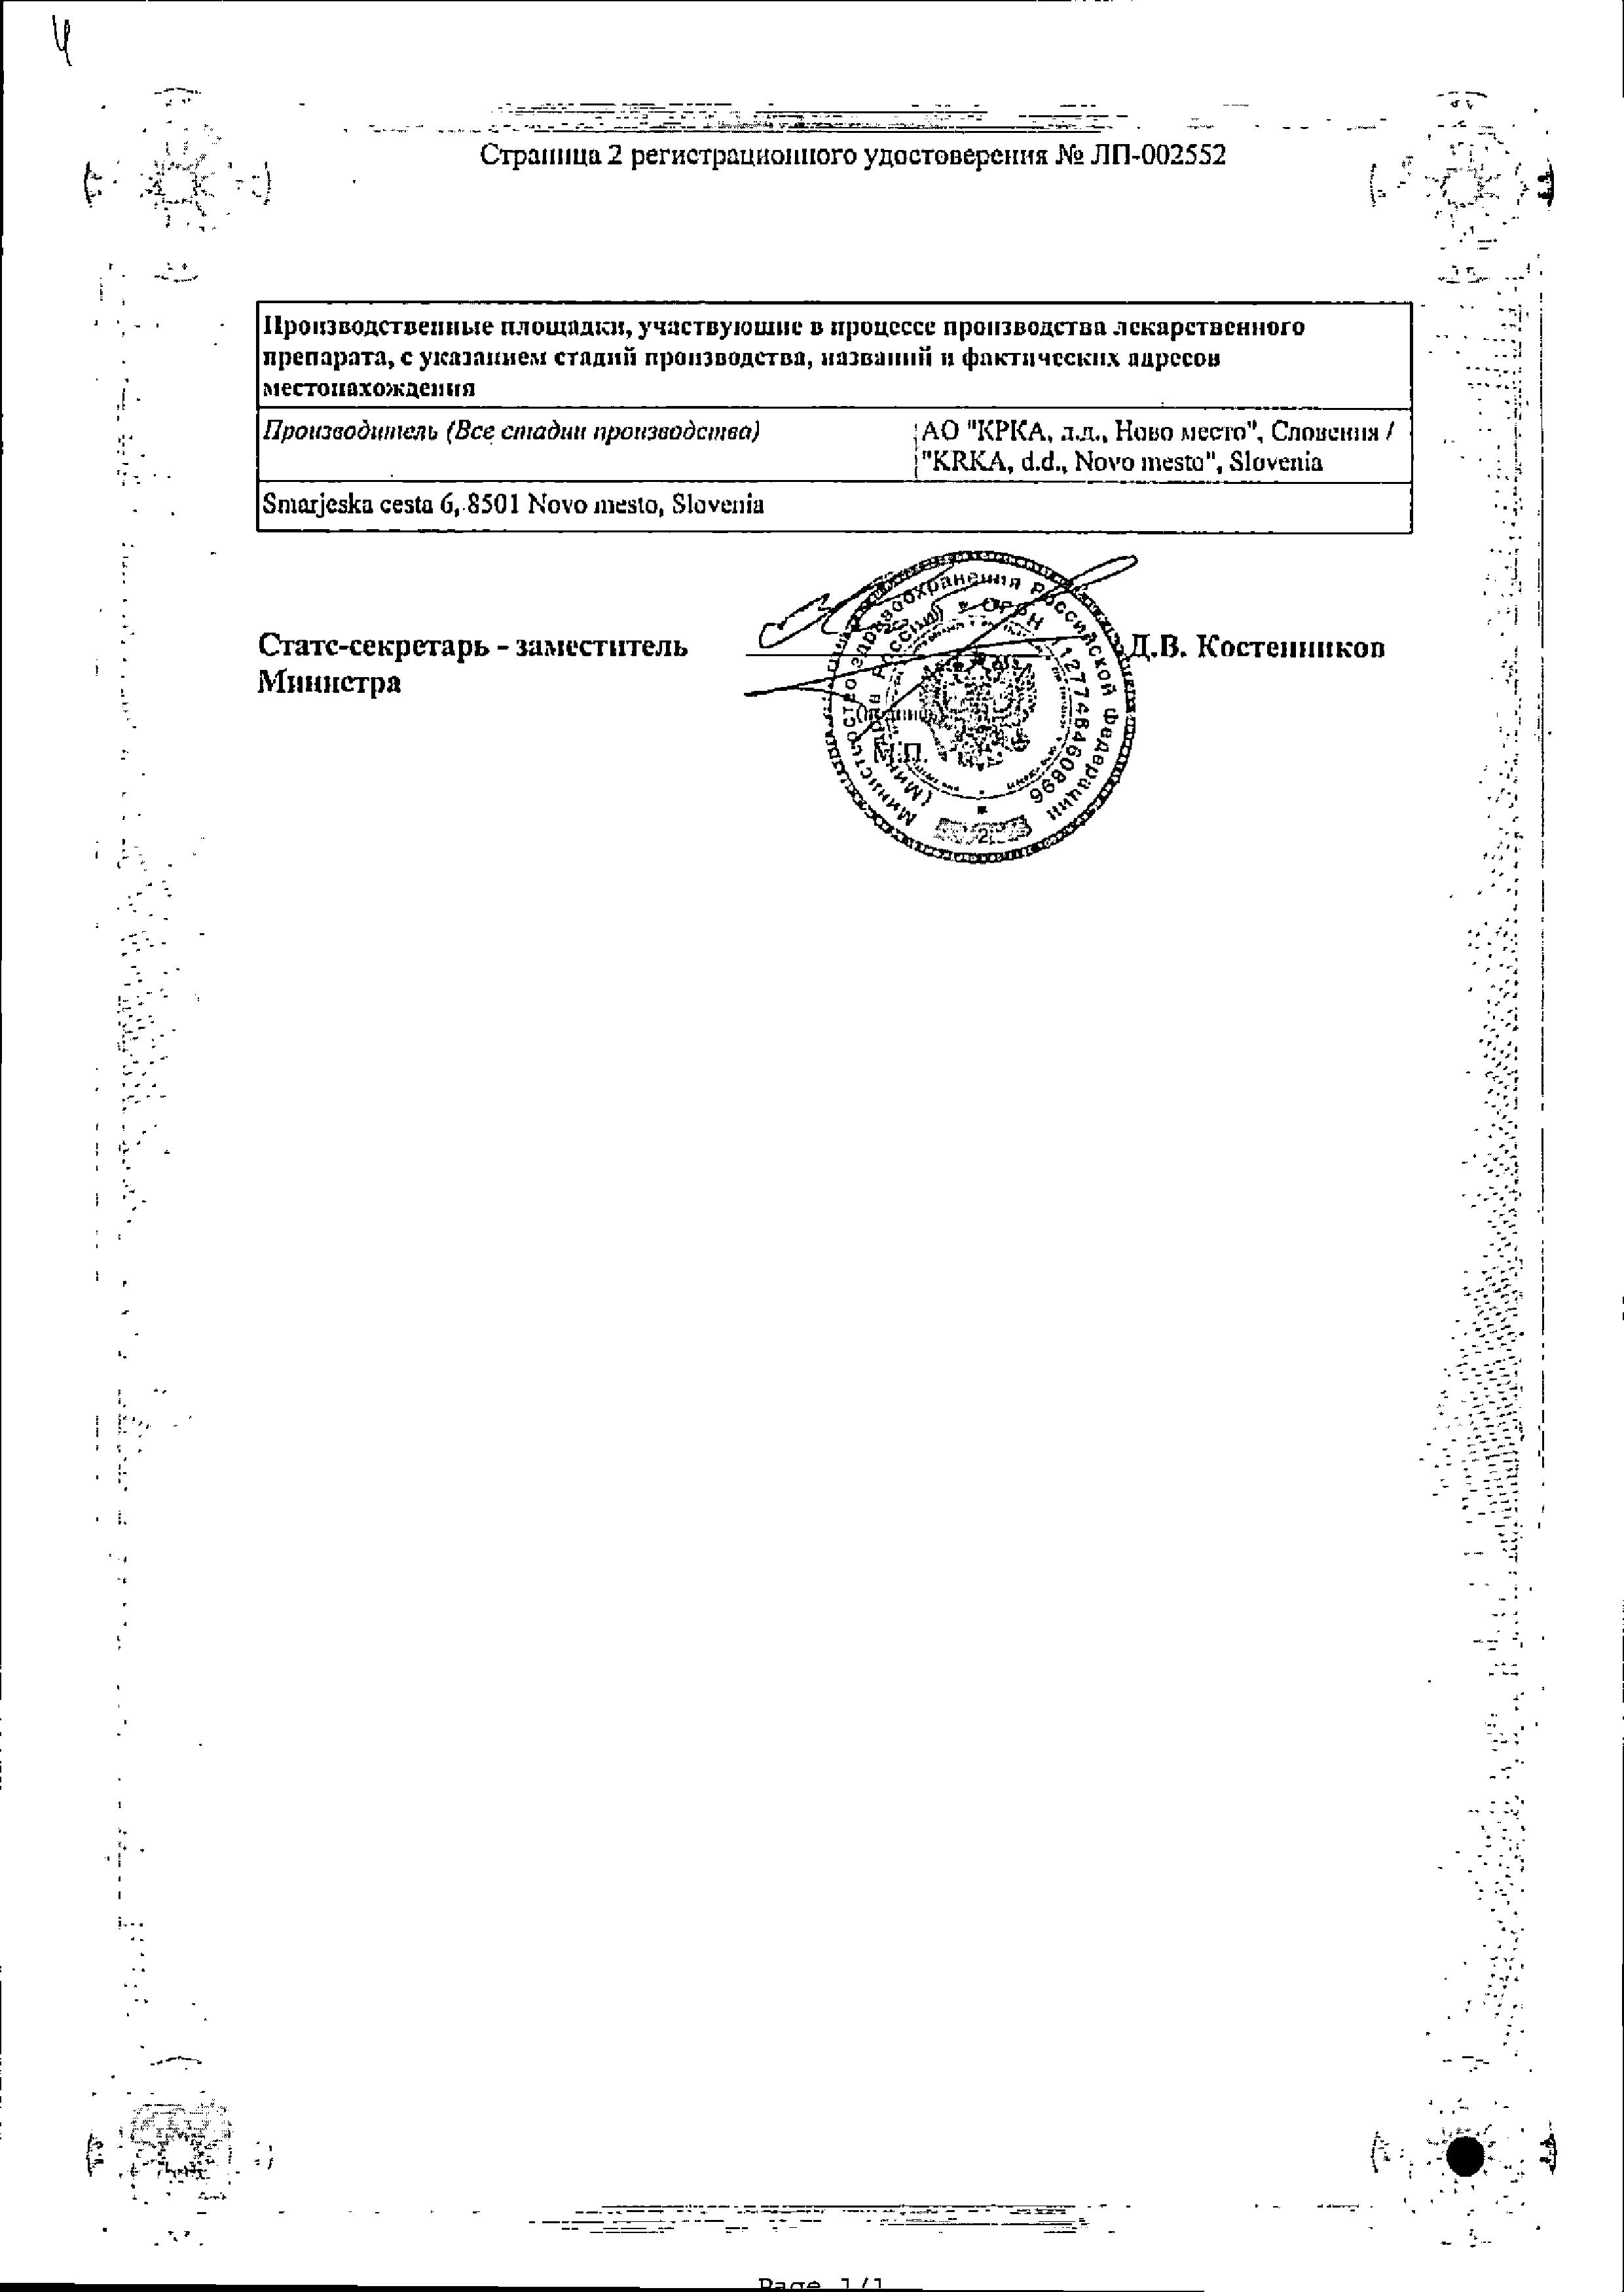 Дилакса сертификат